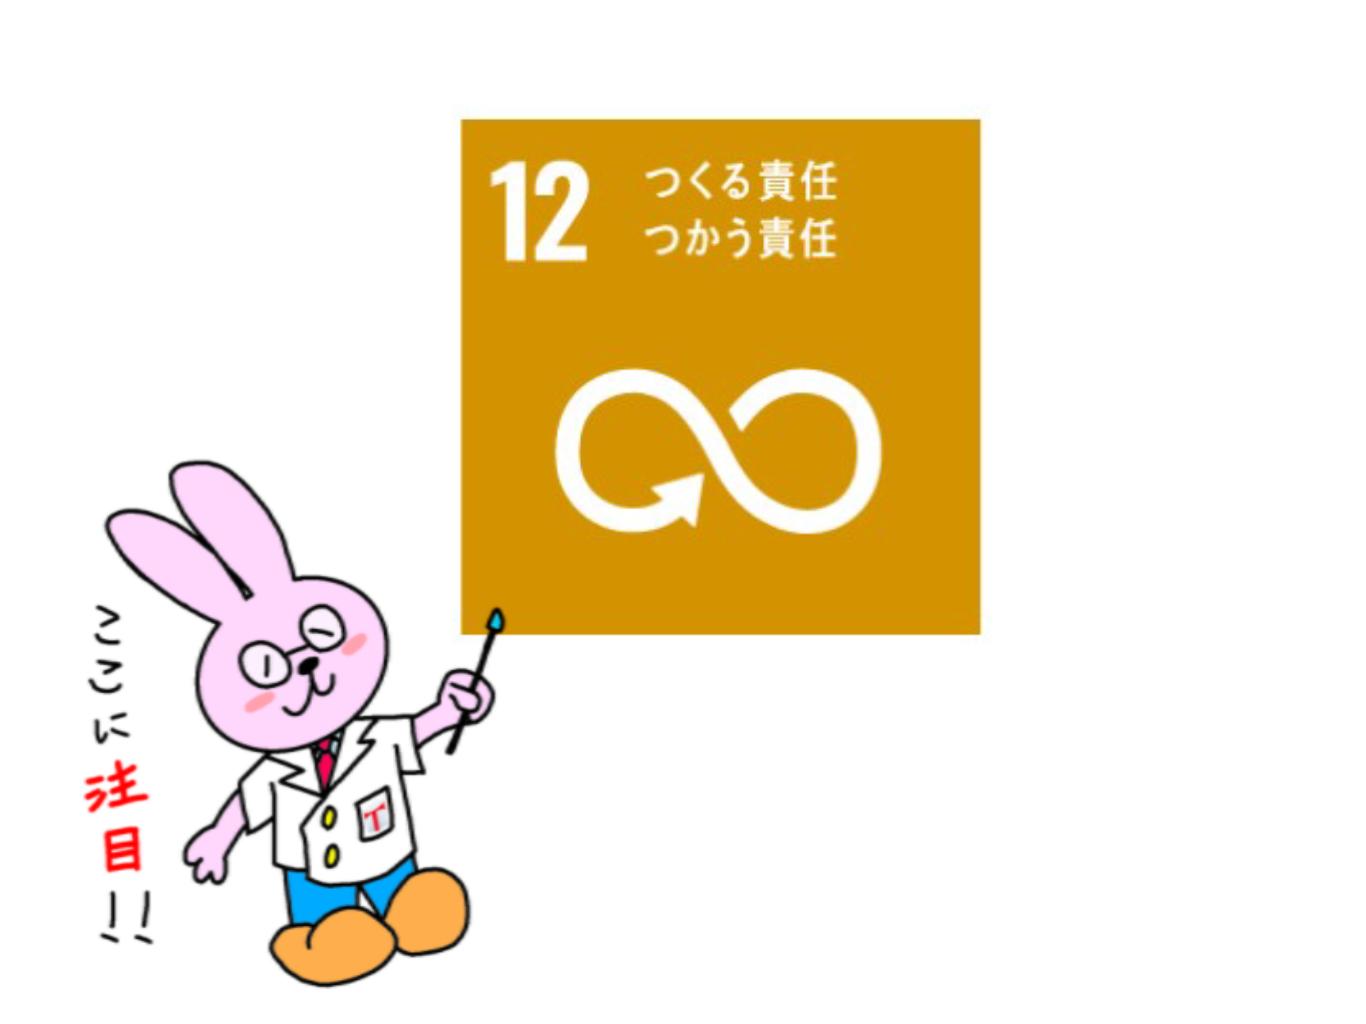 SDGs(つくる責任 つかう責任)